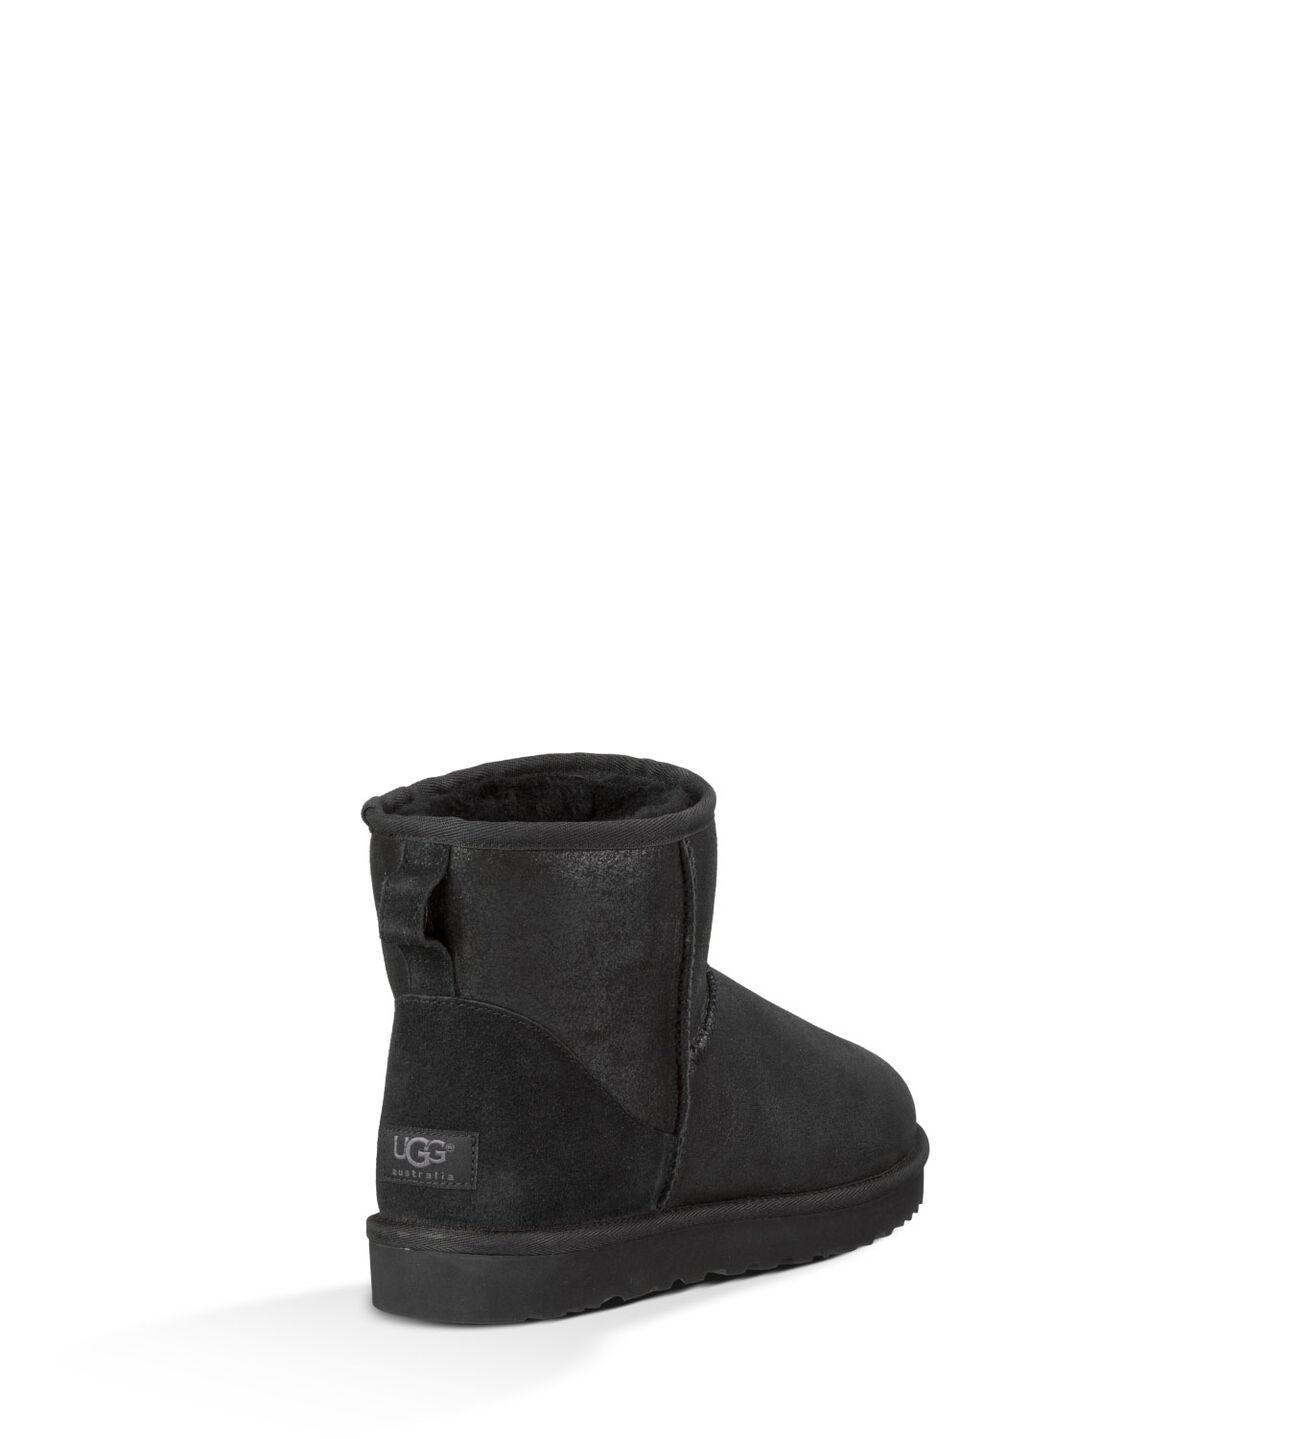 4b93f7aae2e722 Ugg Boots Bestellen Schweiz